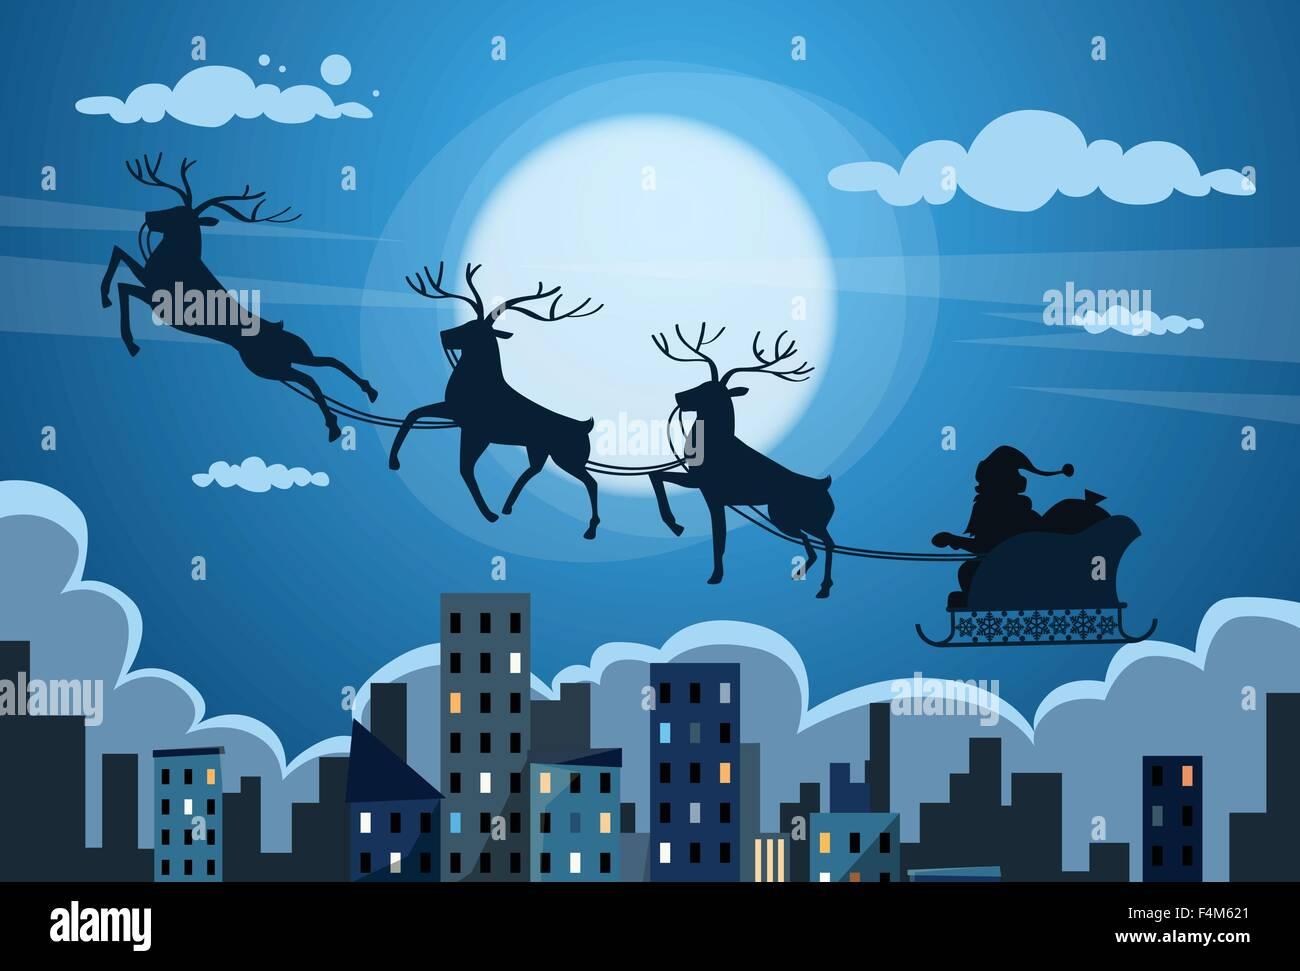 Traîneau du Père Noël le renne Fly Sky plus de gratte-ciel Ville Paysage urbain Vue de nuit de Noël Photo Stock